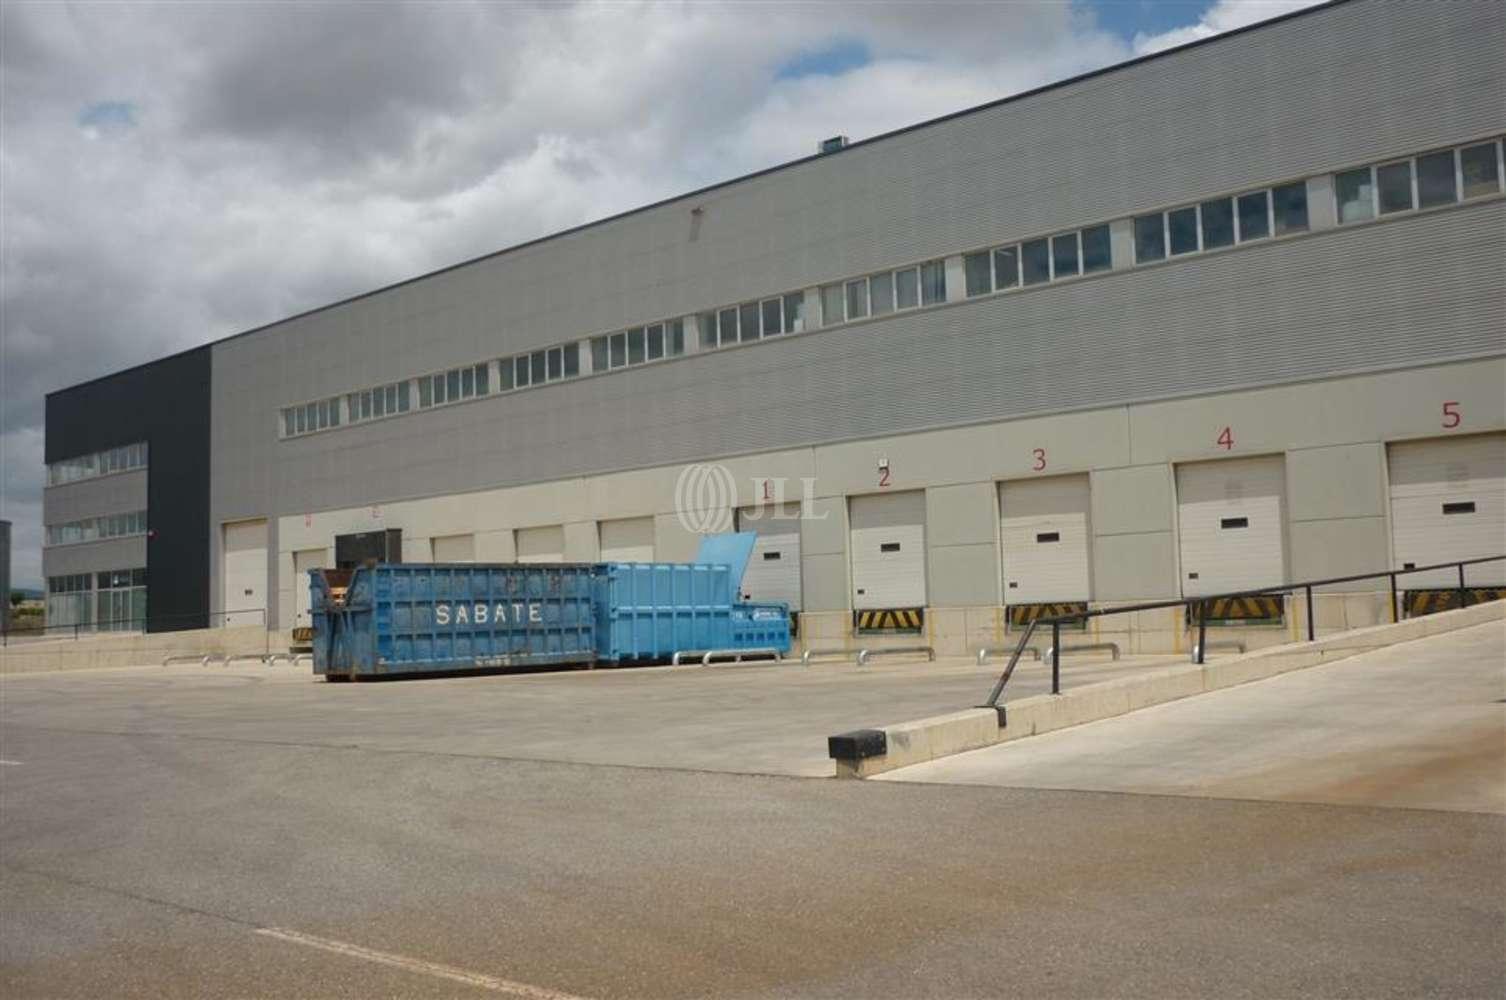 Naves industriales y logísticas La granada, 08792 - Nave Logistica - B0099 - LOGISTIC PARK BARCELONA SUR - 7318